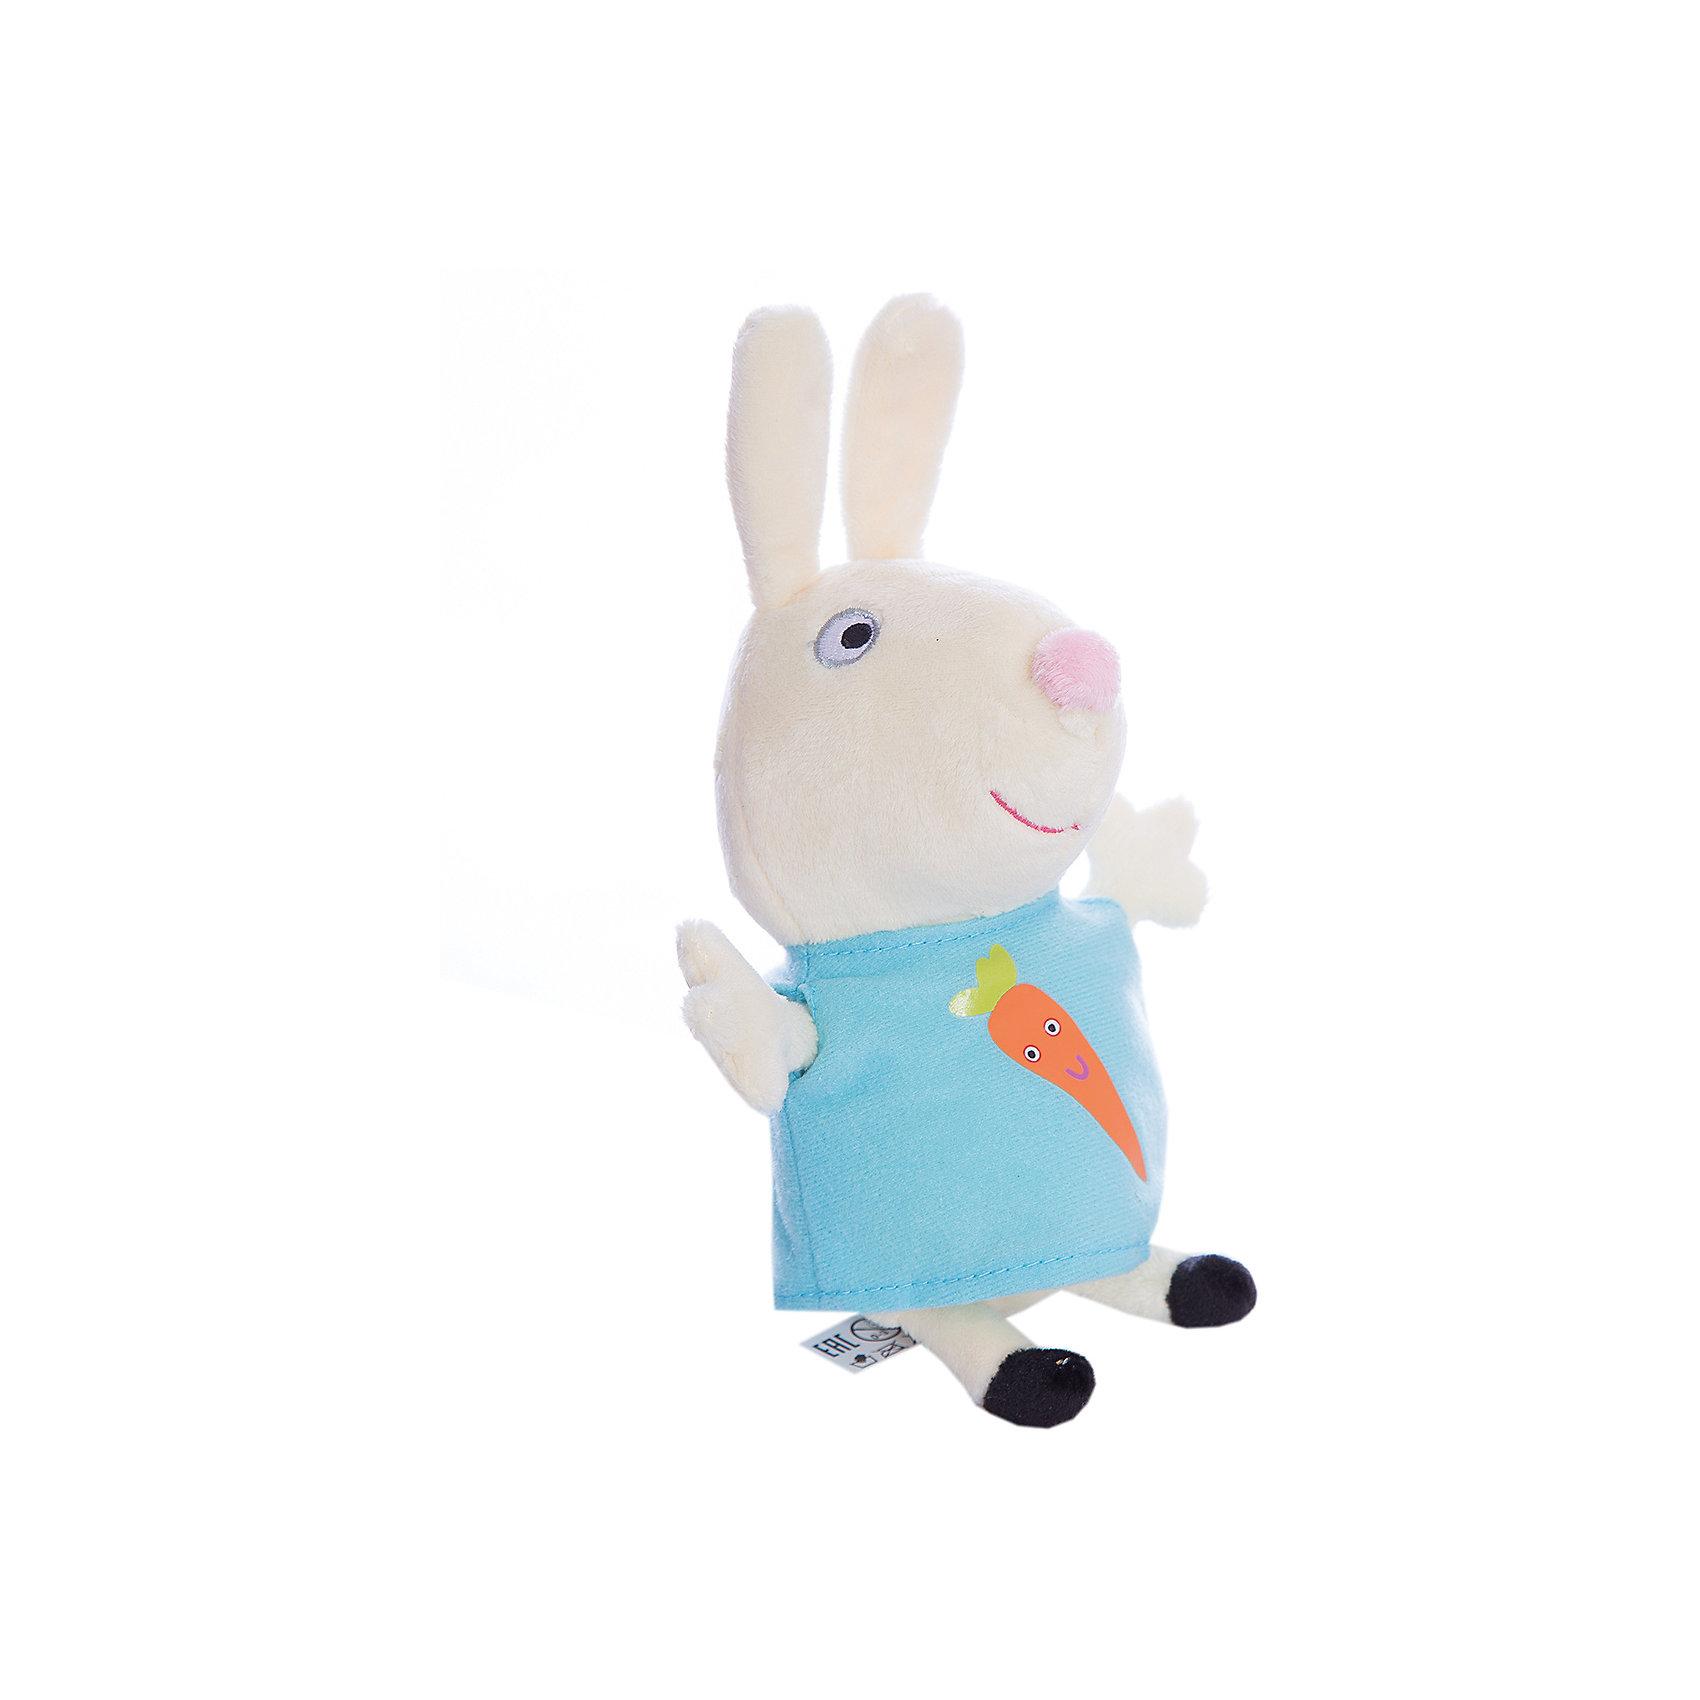 Росмэн Мягкая игрушка Ребекка с морков, 20см, Свинка Пеппа